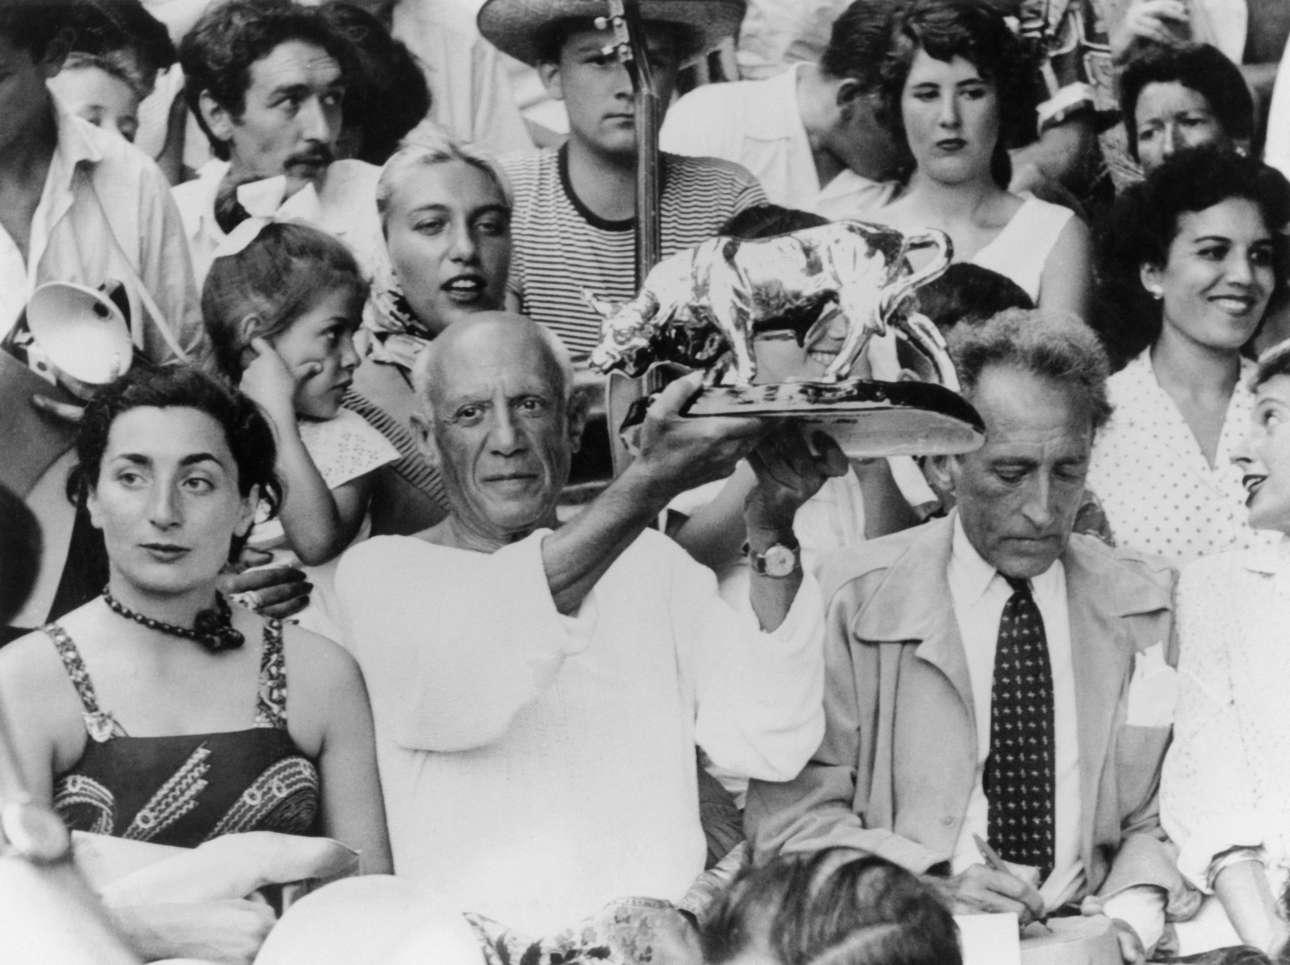 Στον ίδιο αγώνα ο Πικάσο λαμβάνει ένα δώρο από τους ταυρομάχους. Δίπλα του είναι η μετέπειτα σύζυγός του Ζακλίν Ροκ και ο Ζαν Κοκτό που κάτι σχεδιάζει